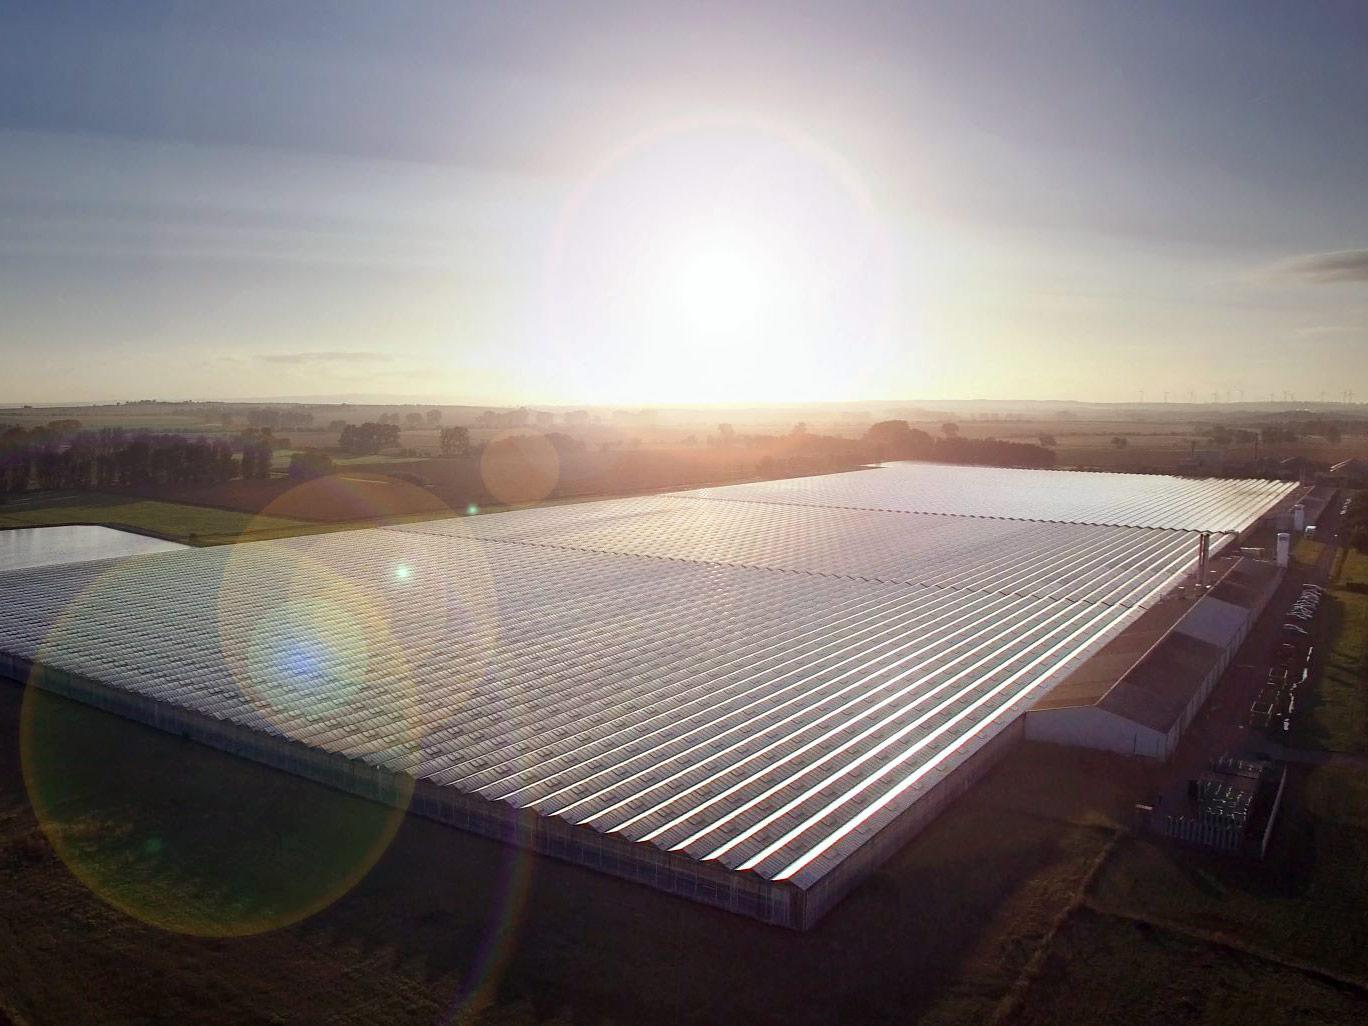 Luftbild des Betriebsgeländes, die langen Gewächshausreihen sind mit Photovoltaik-Zellen abgedeckt